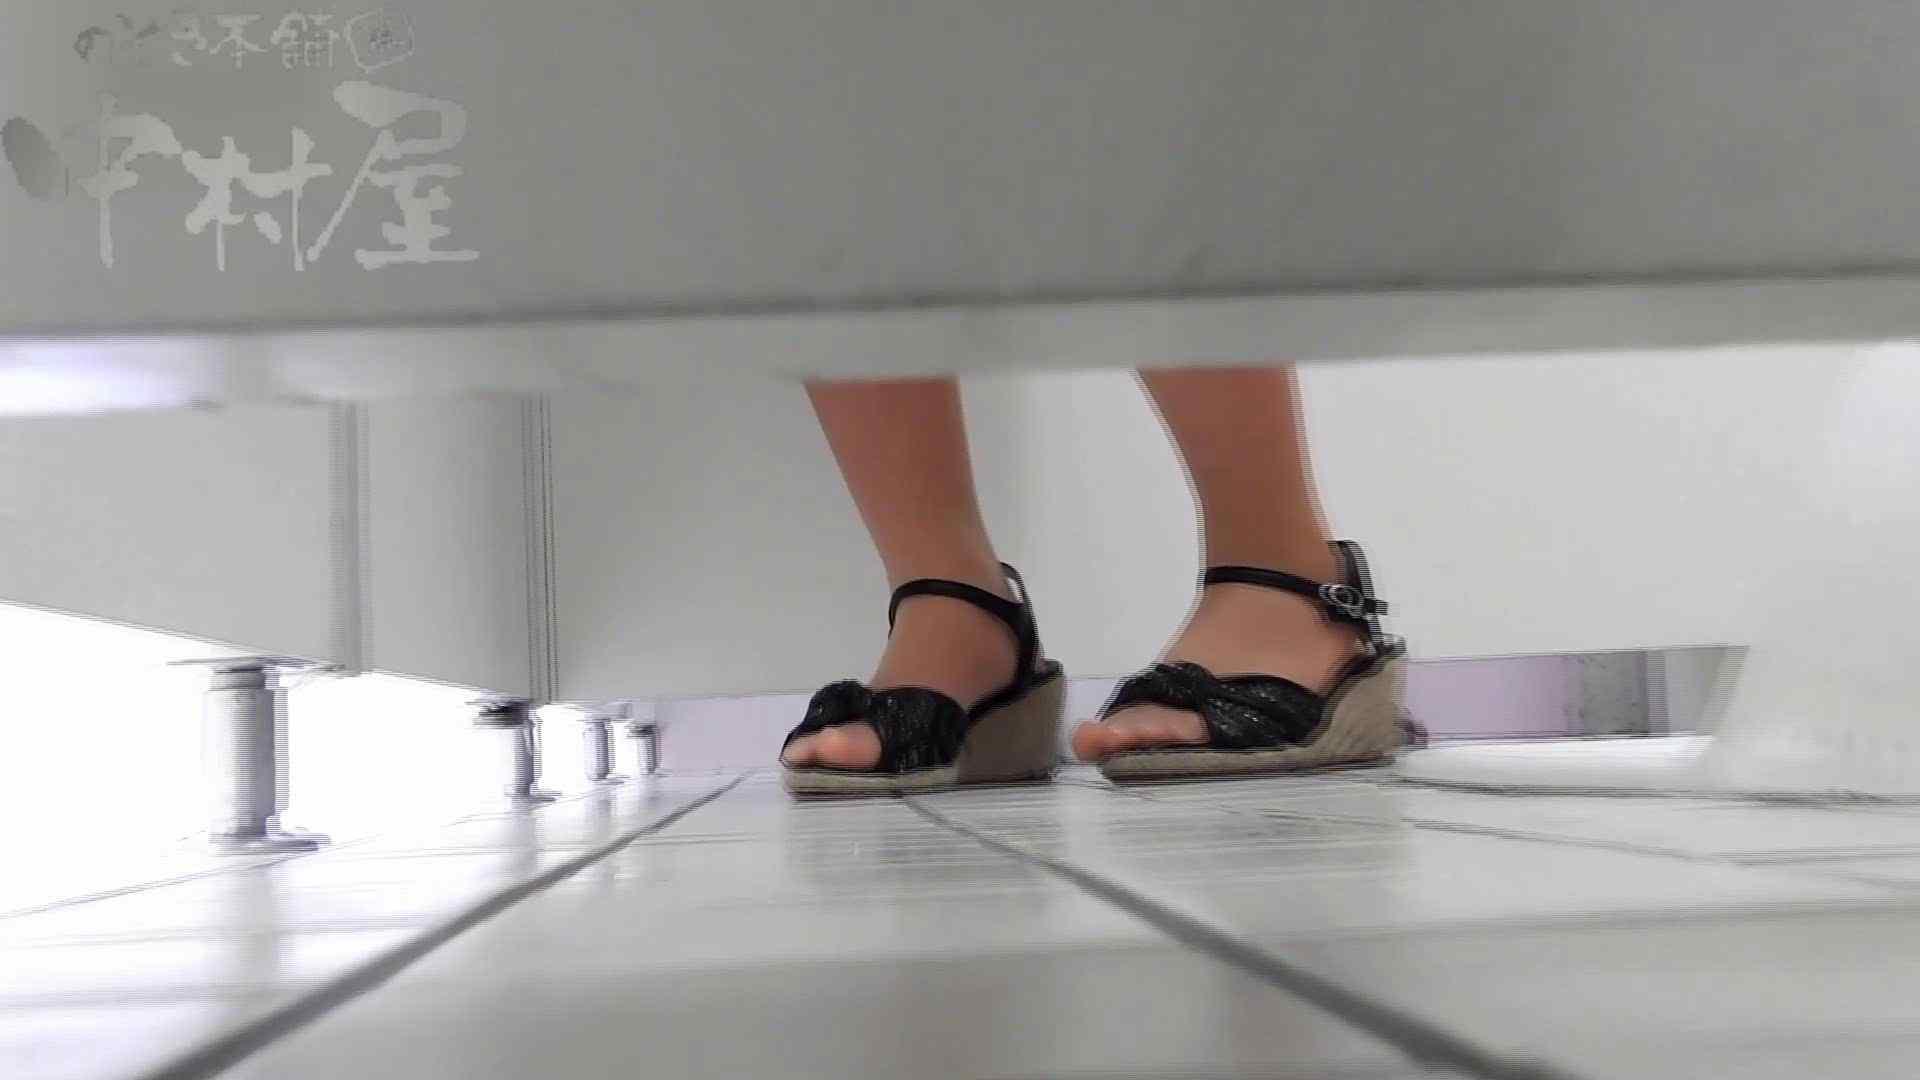 美しい日本の未来 No.34 緊迫!予告モデル撮ろうとしたら清掃員に遭遇 女子トイレ潜入 エロ画像 74pic 62